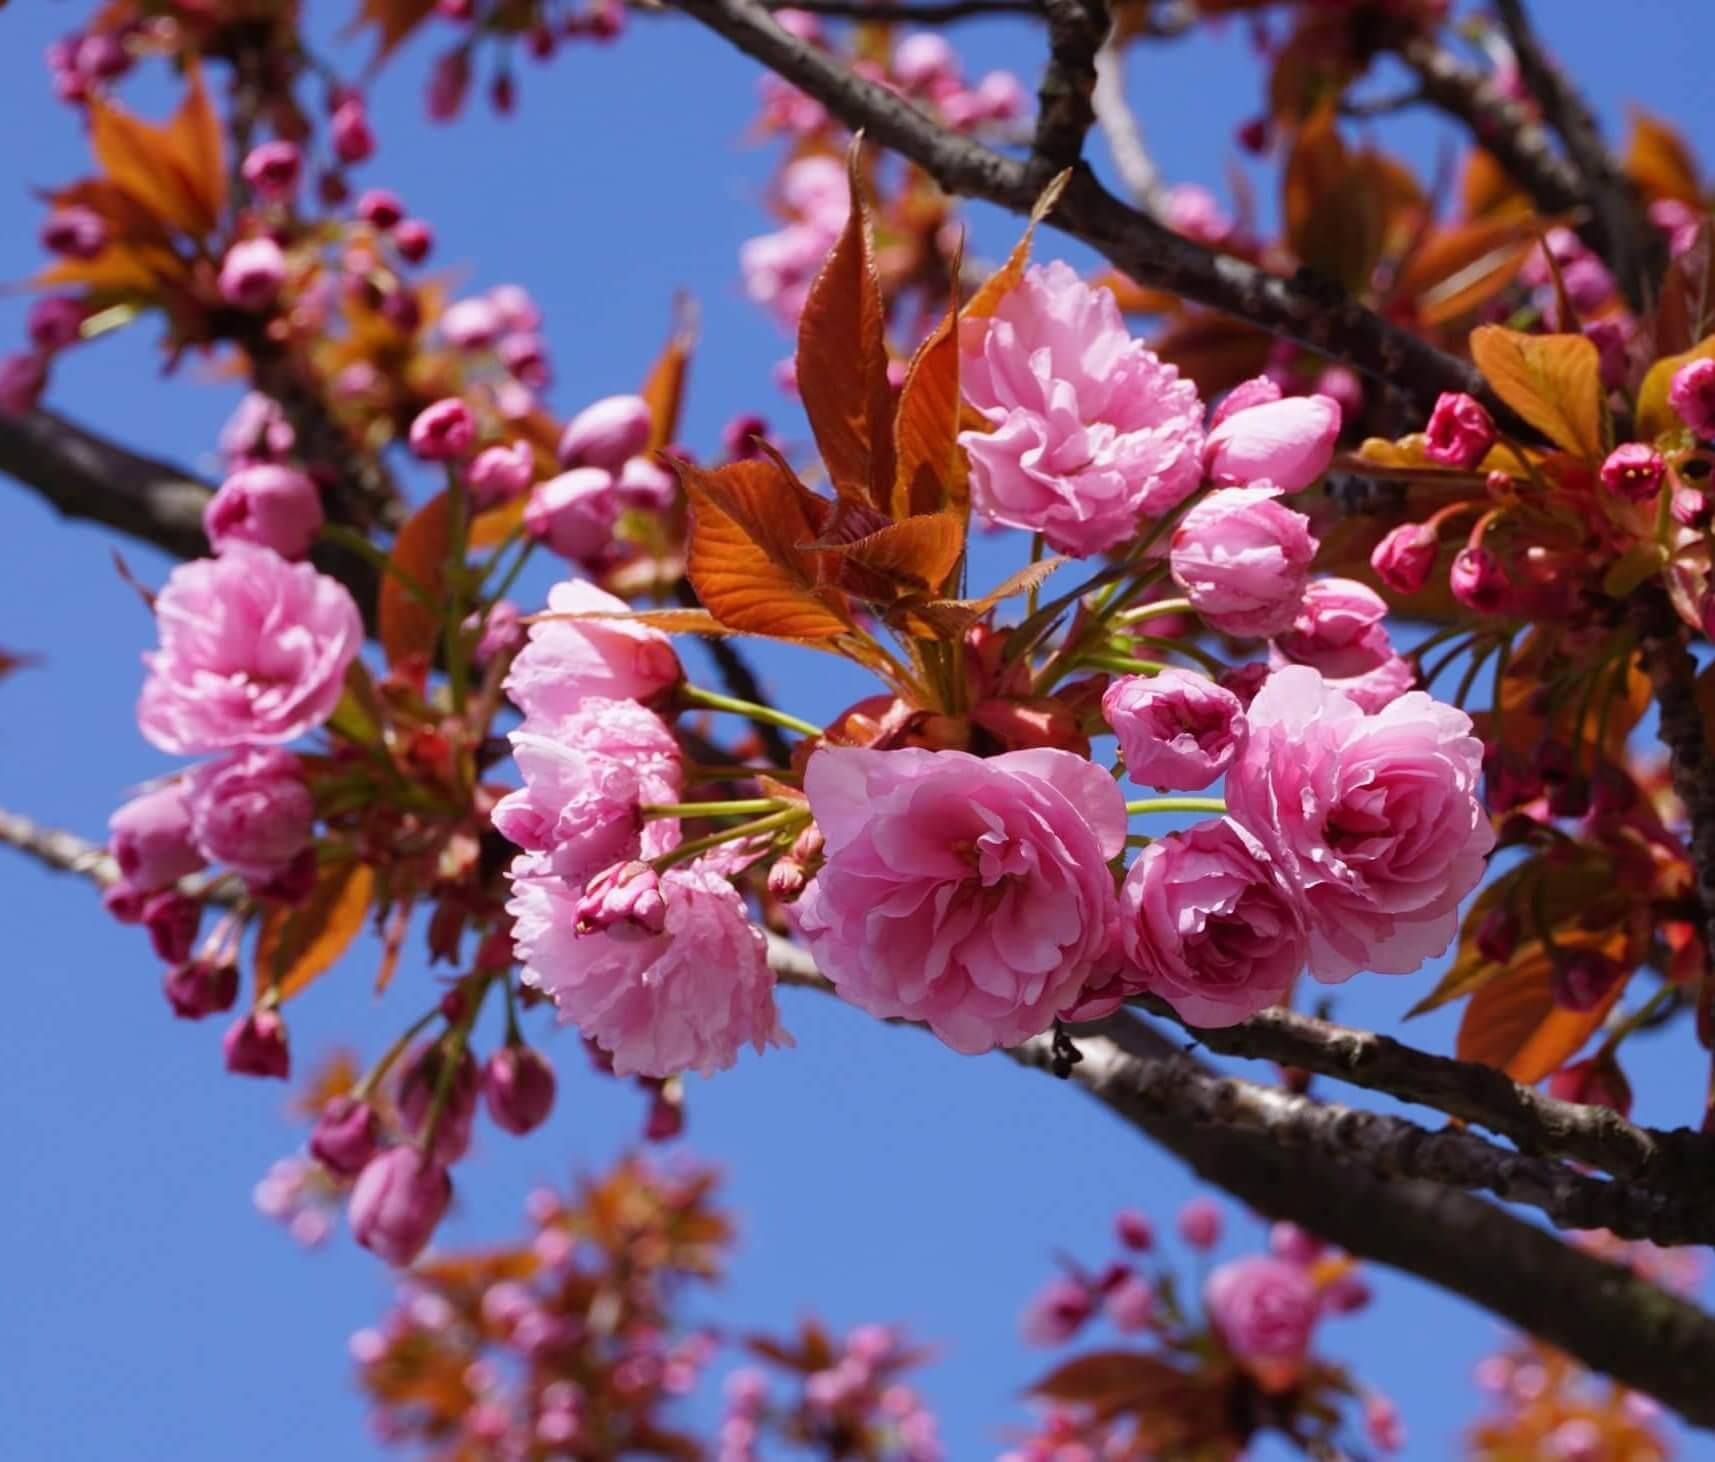 Das Bild zeigt die rosettenartig dicht gefüllten Blüten einer Zuchtsorte der Japanischen Blütenkirsche mit rosafarbenen Blütenblättern. Hier als Straßenbaum in Köpenick, Müggelheimer Straße, April 2020.